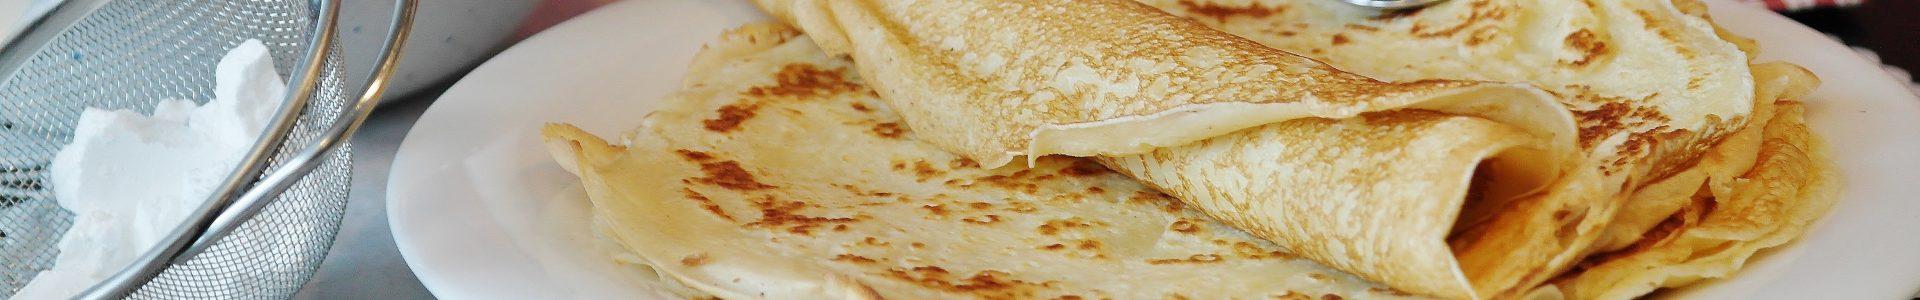 pancakes-2020863